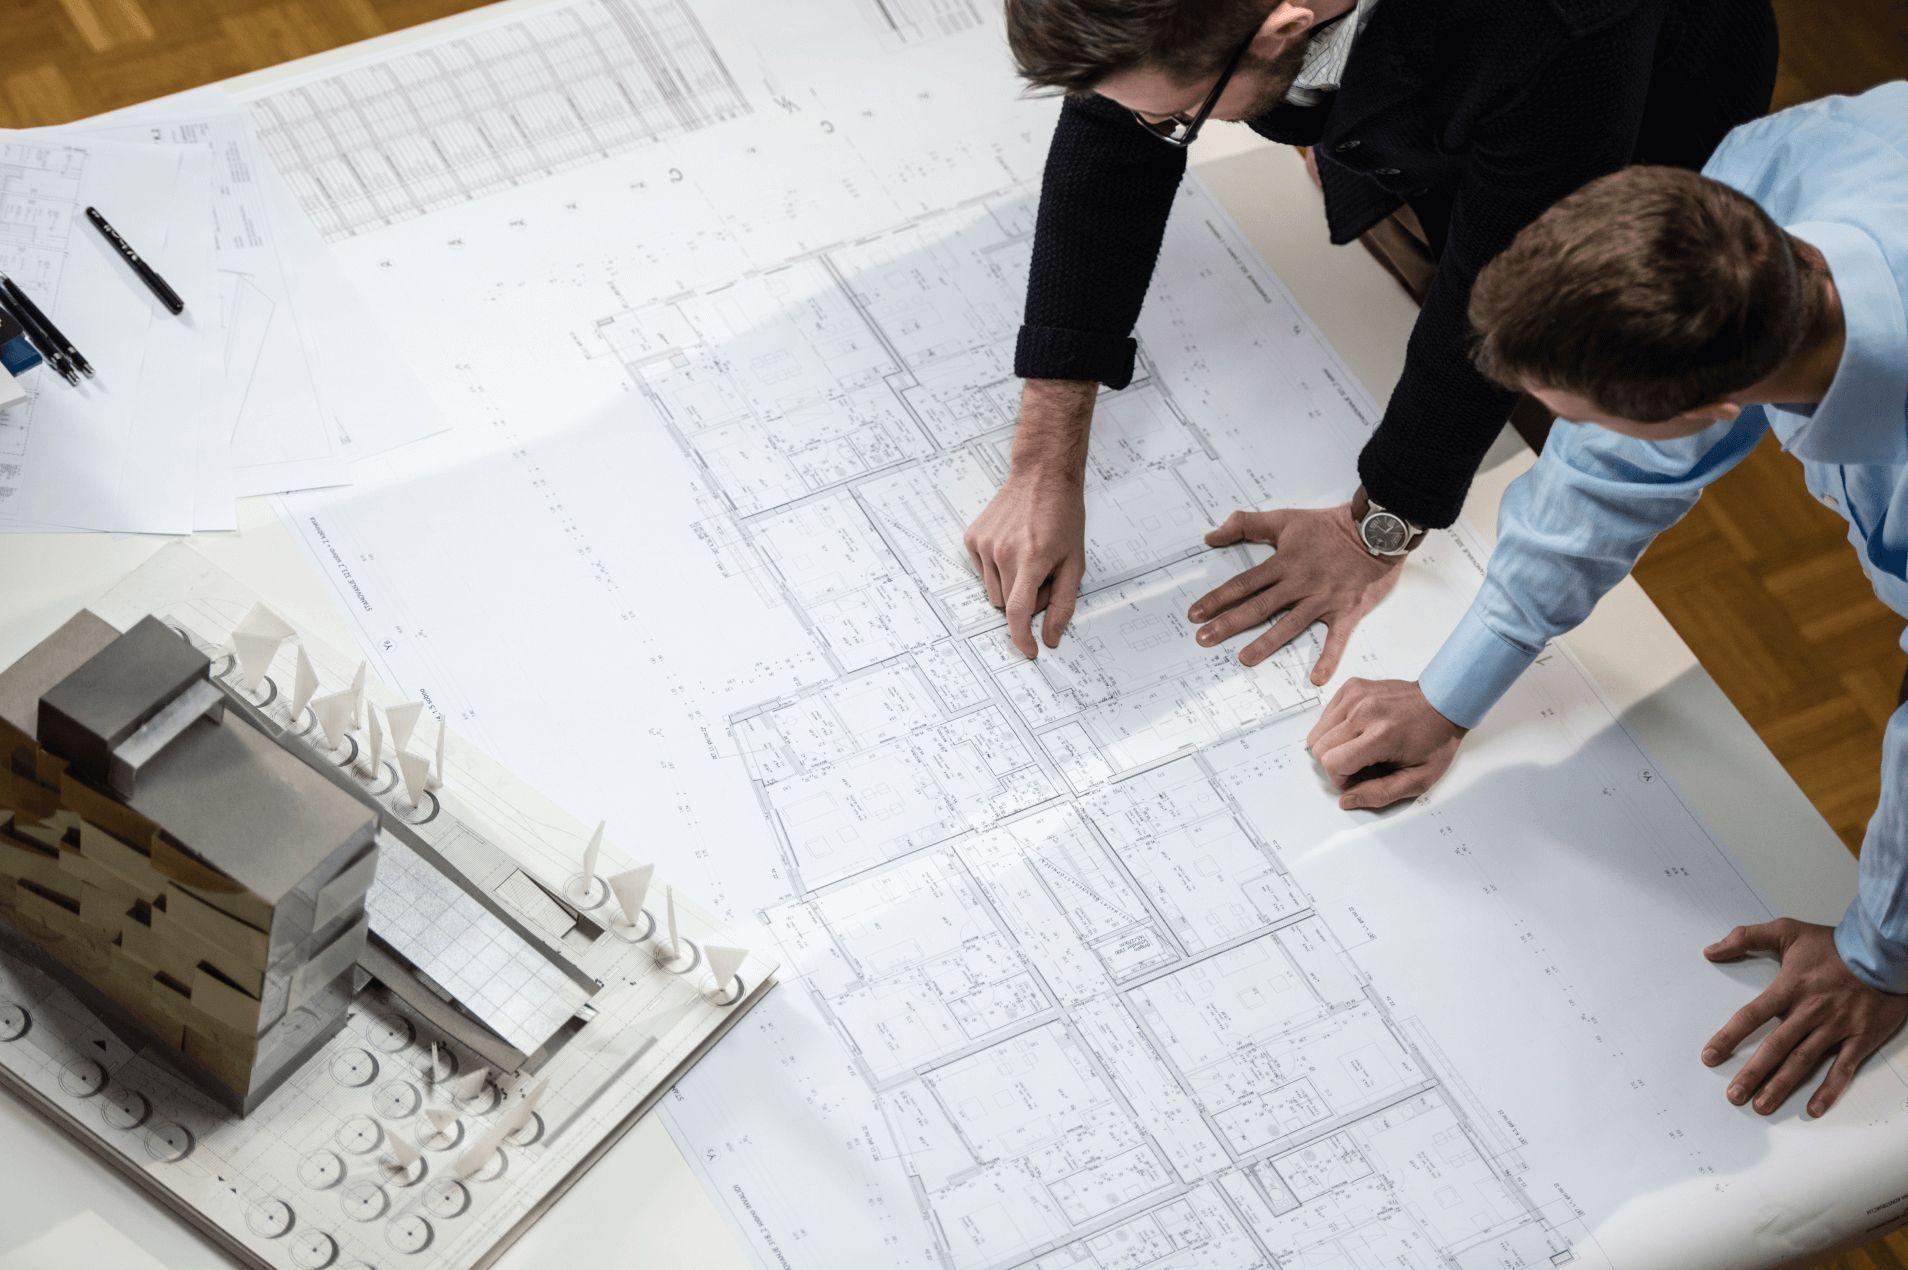 arquitectos-que-no-van-a-obras-daños-construcción